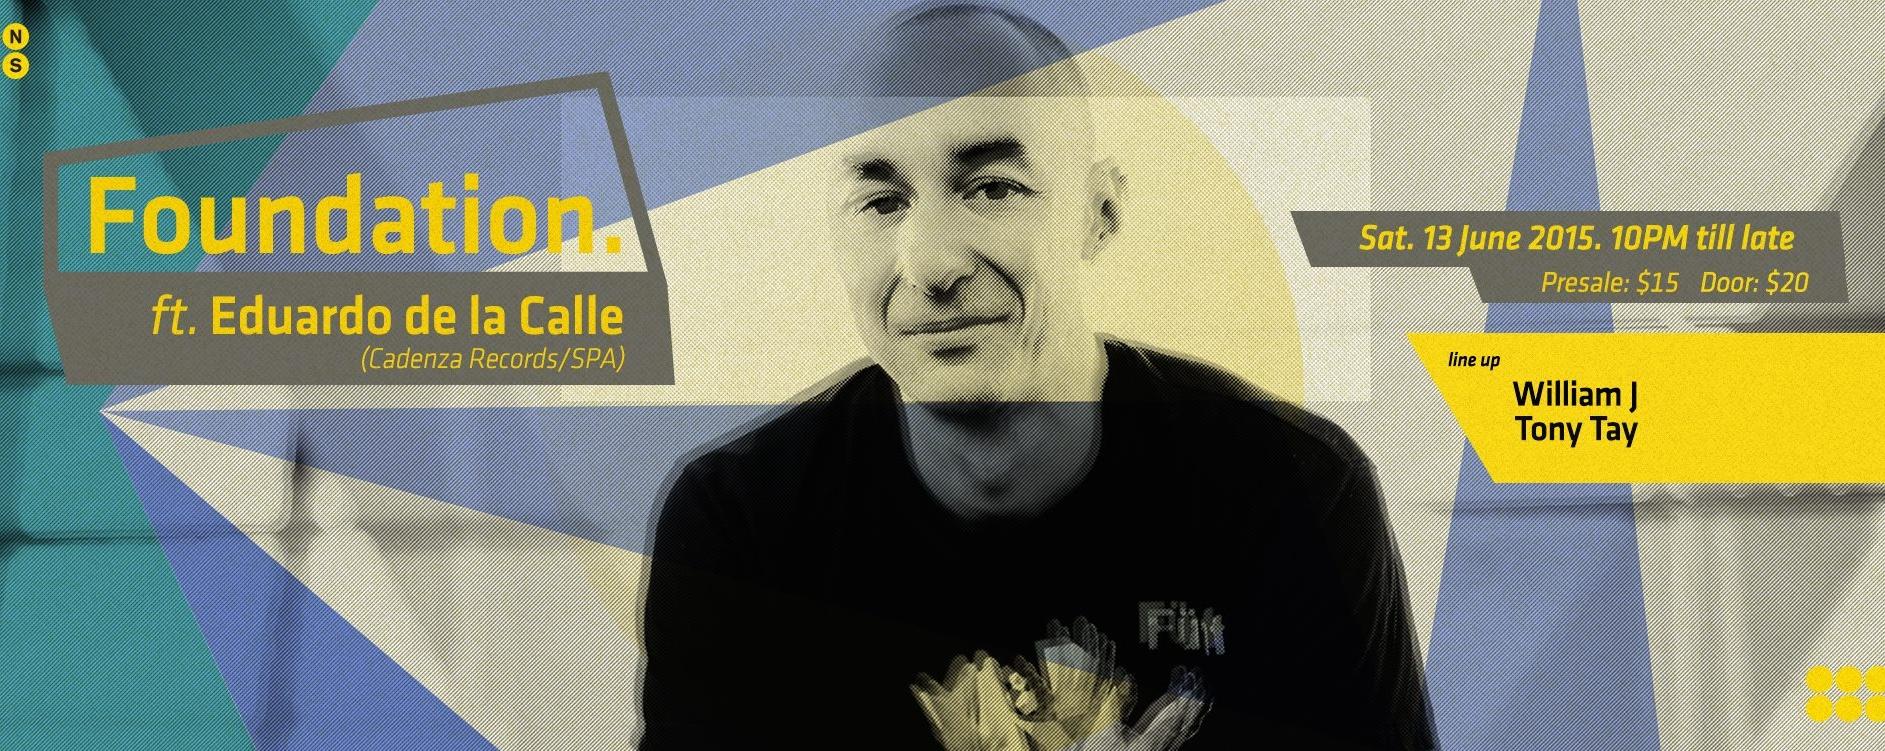 Foundation ft. Eduardo De La Calle